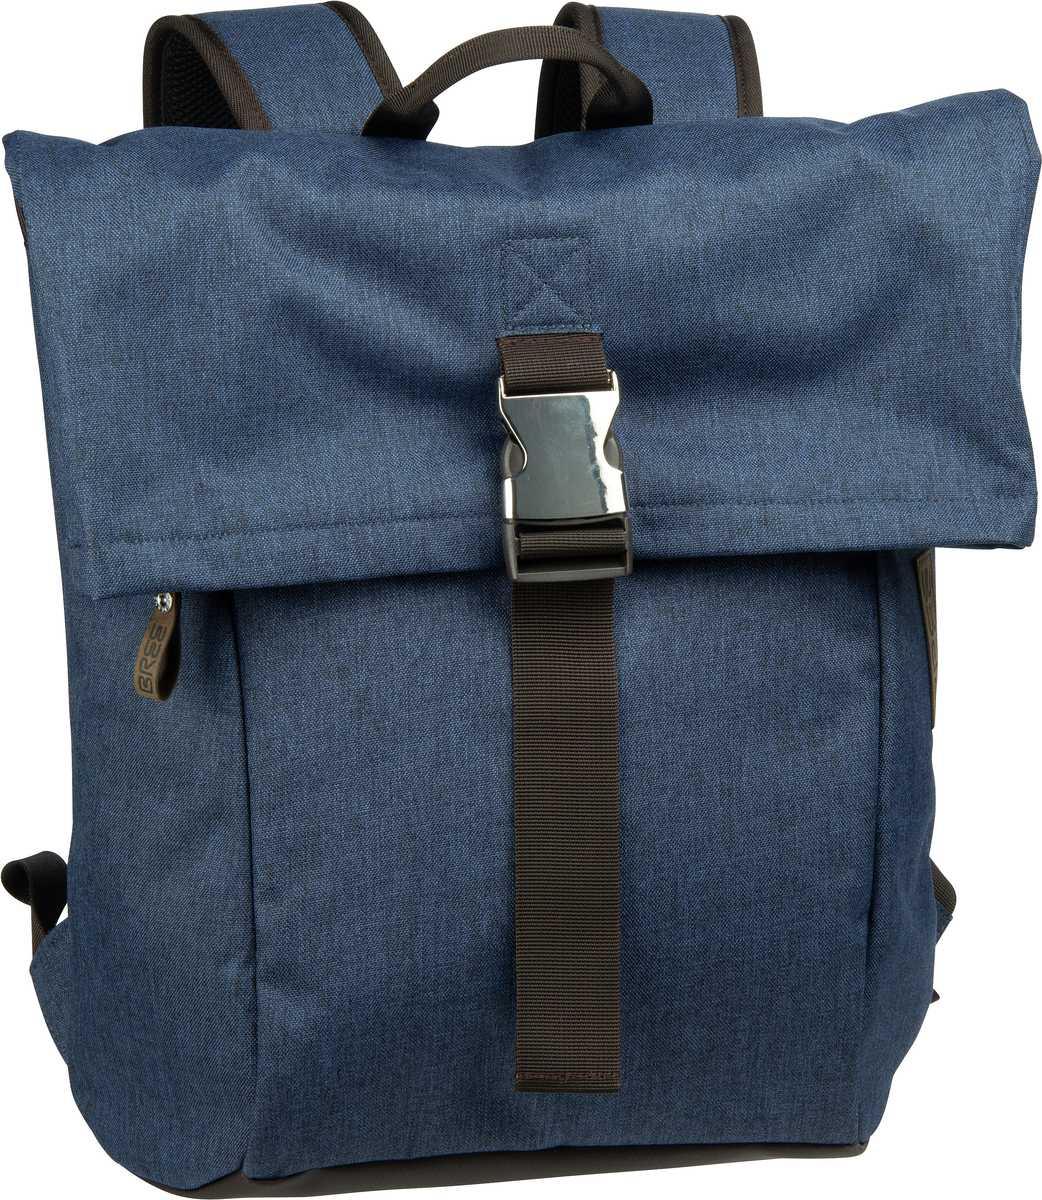 Rucksack / Daypack Punch Style 92 Jeans Denim (13 Liter)